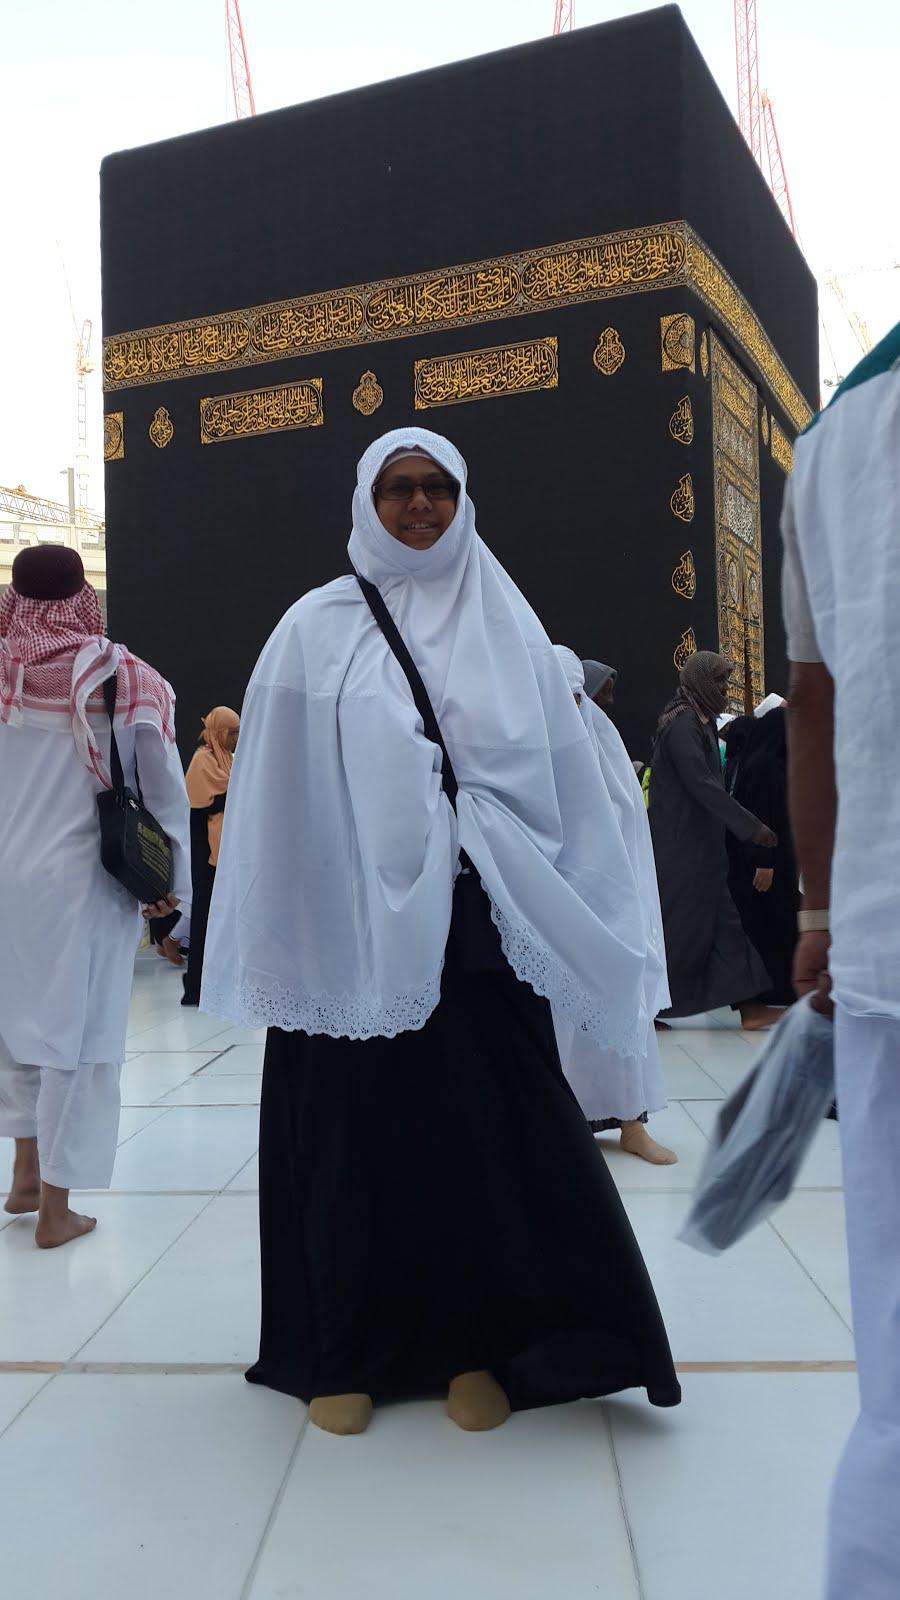 Saudi Arabia - Kaabah 2014